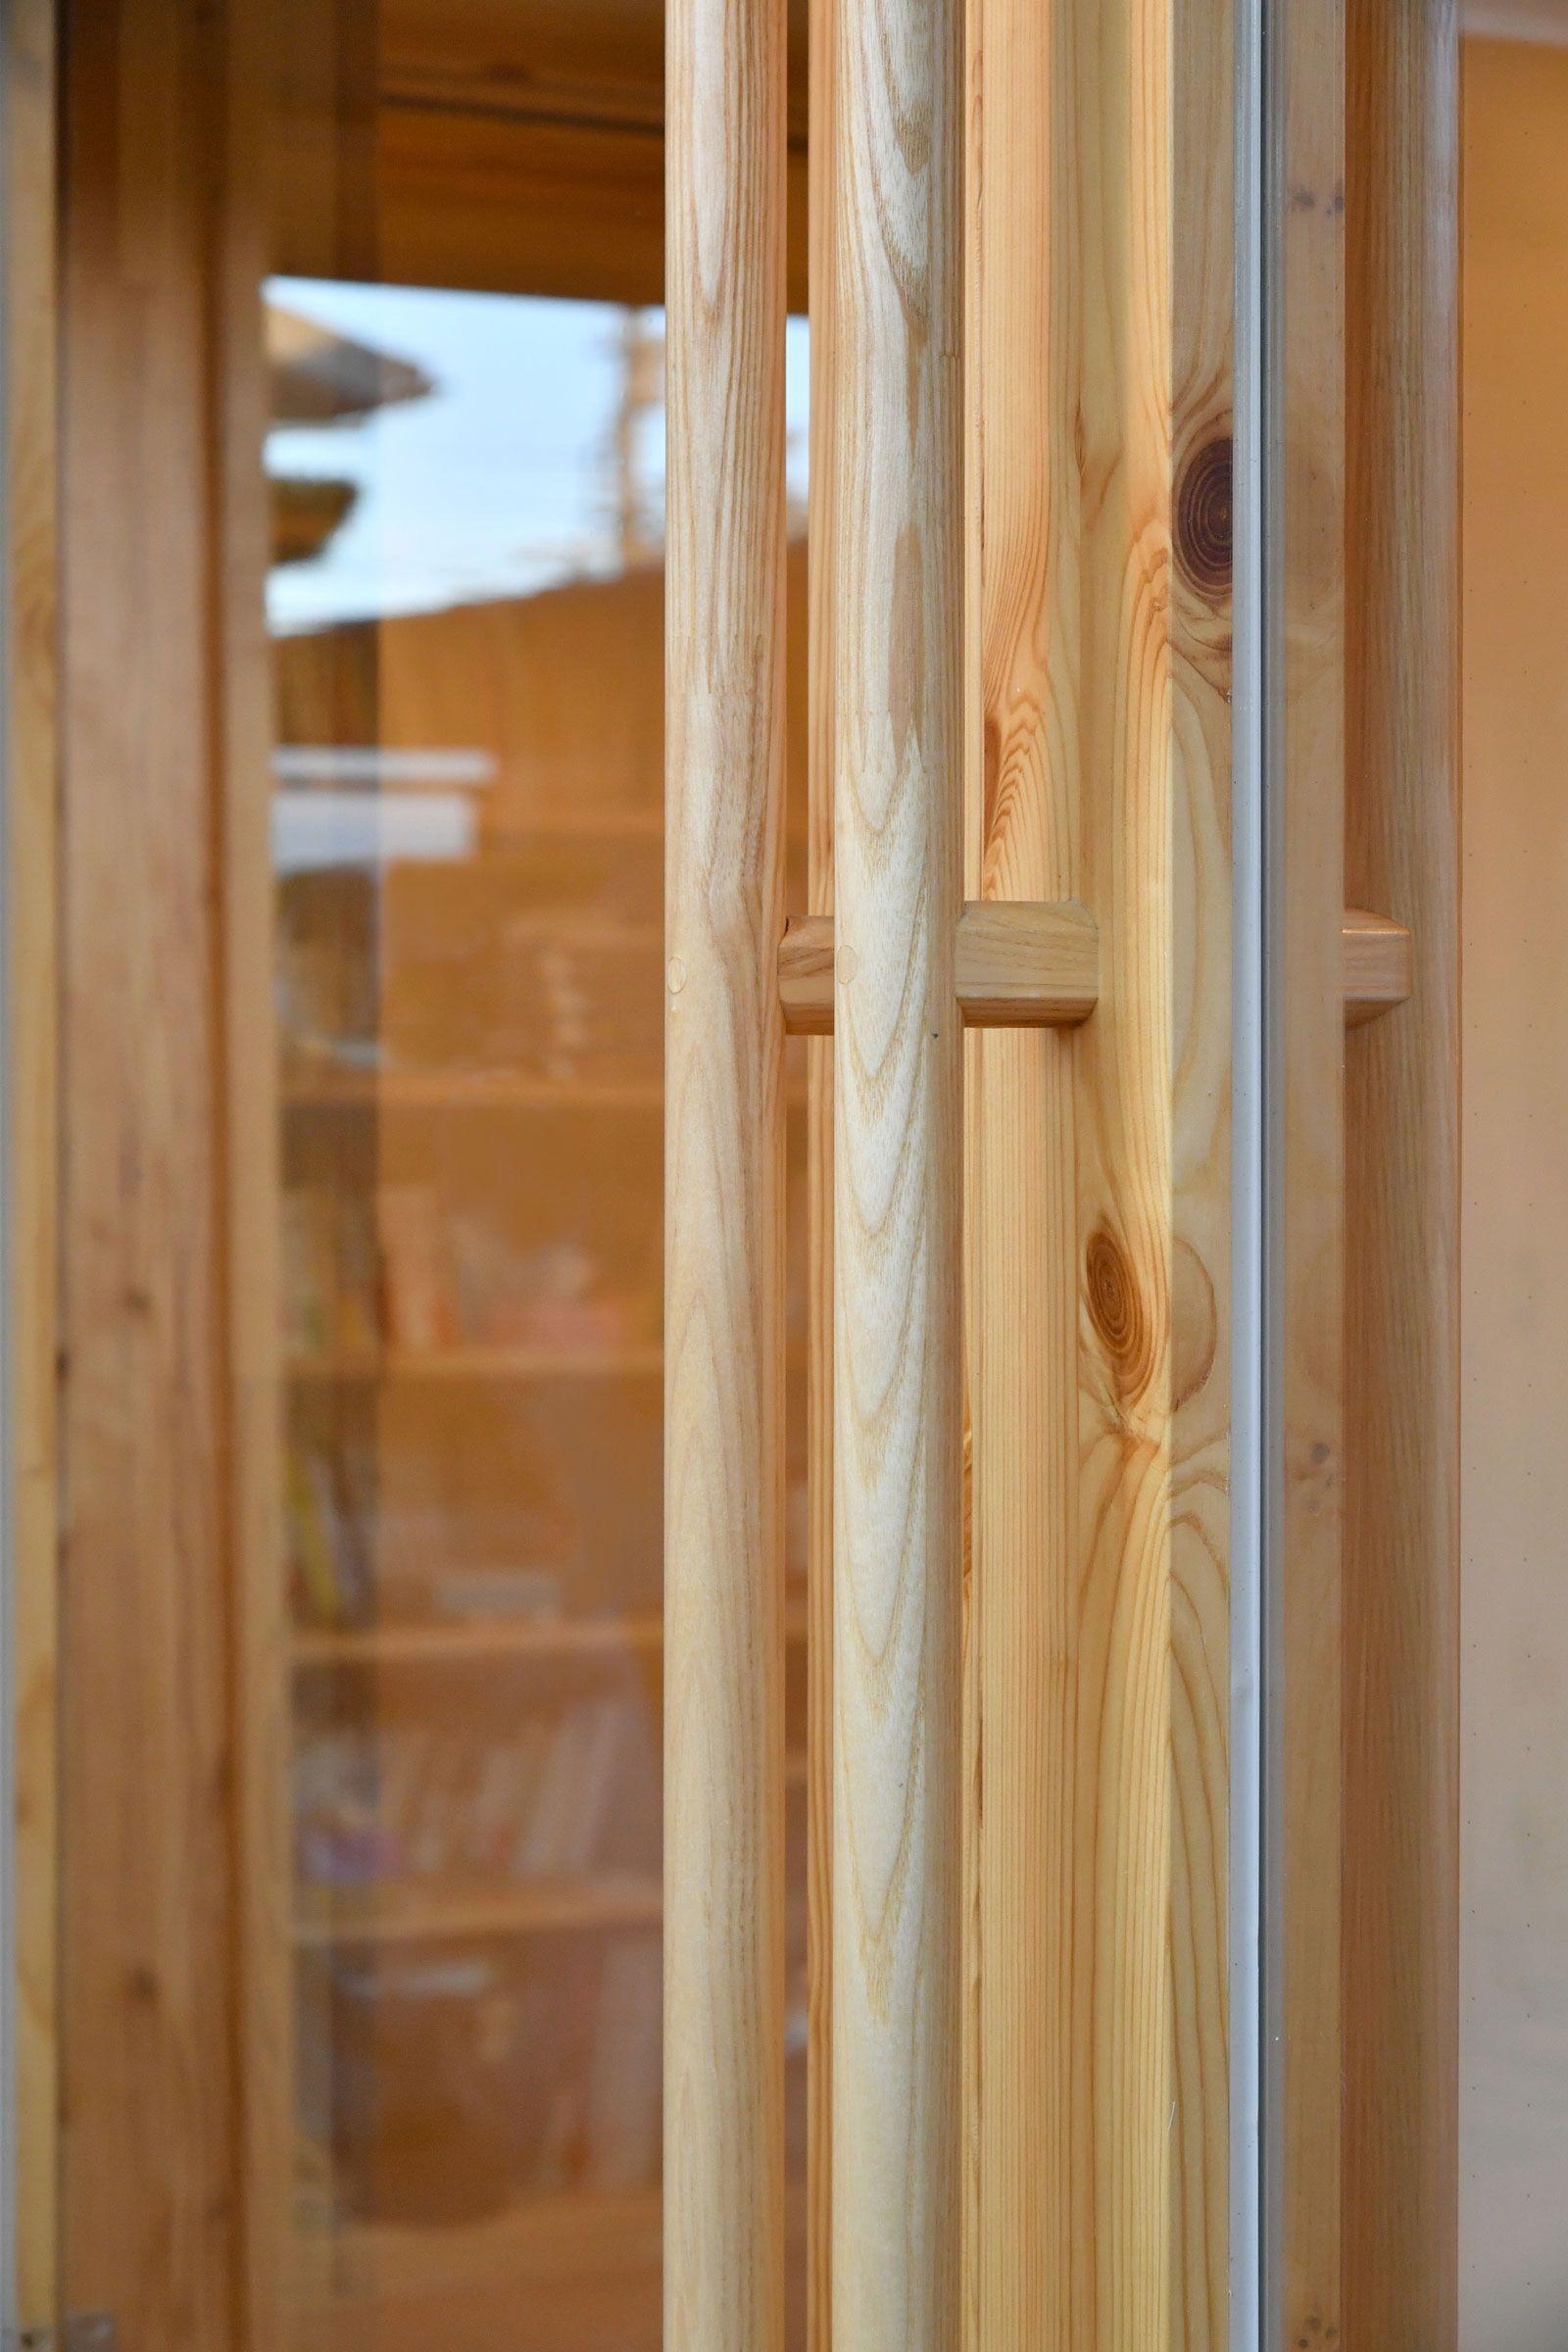 自社製作ガラス引き戸の取っ手 タモの木目が美しい 身長に関わらず